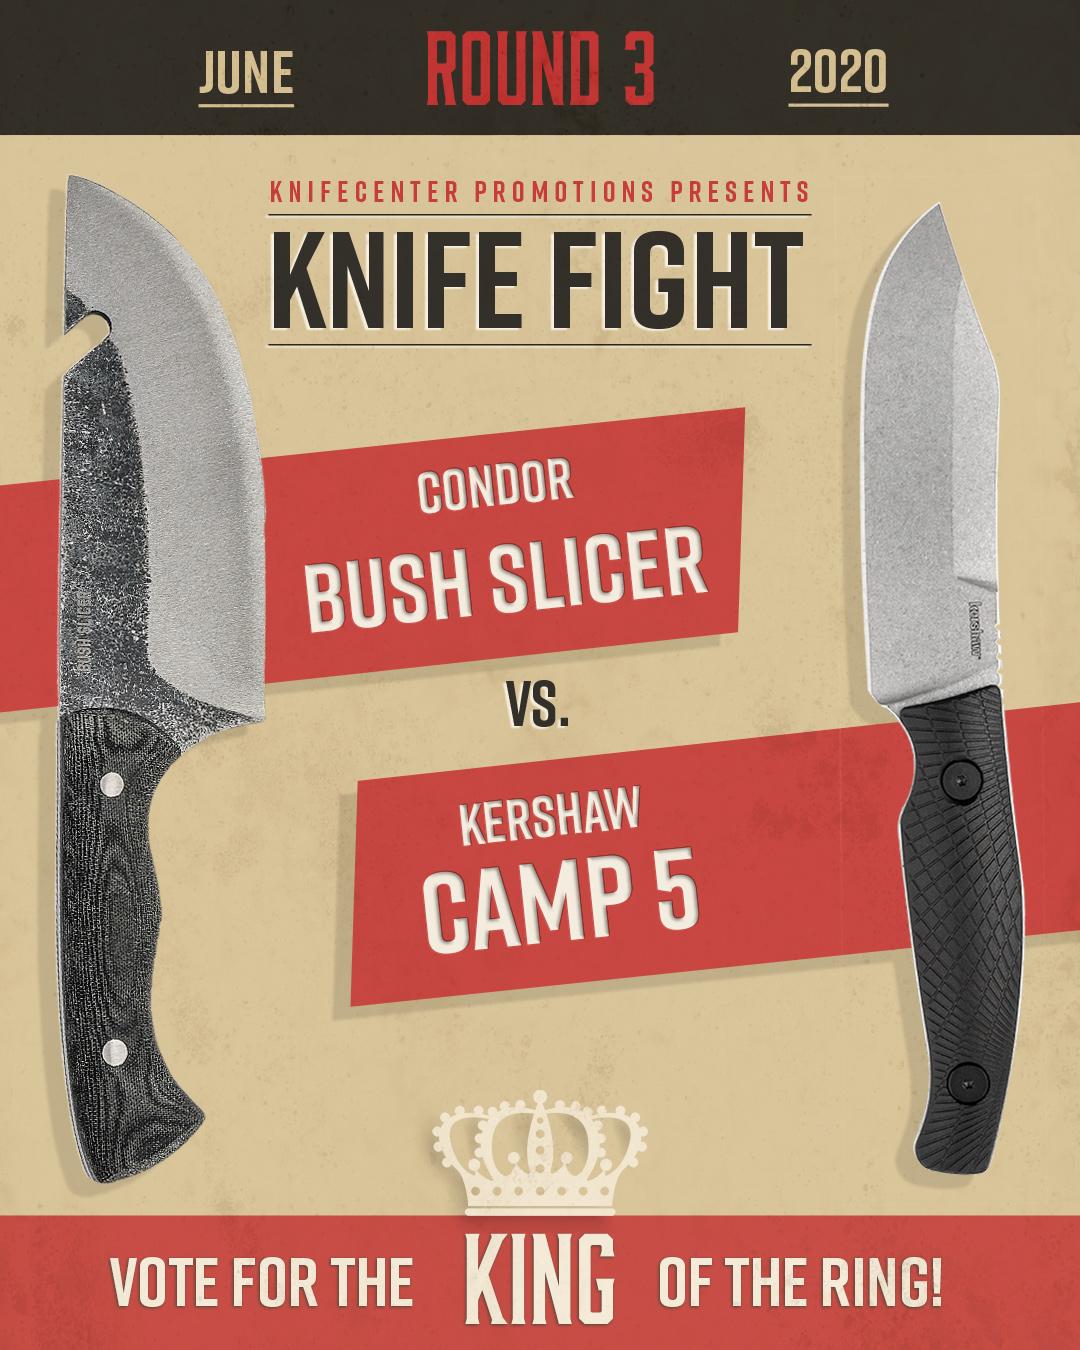 Condor Bush Slicer vs Kershaw Camp 5